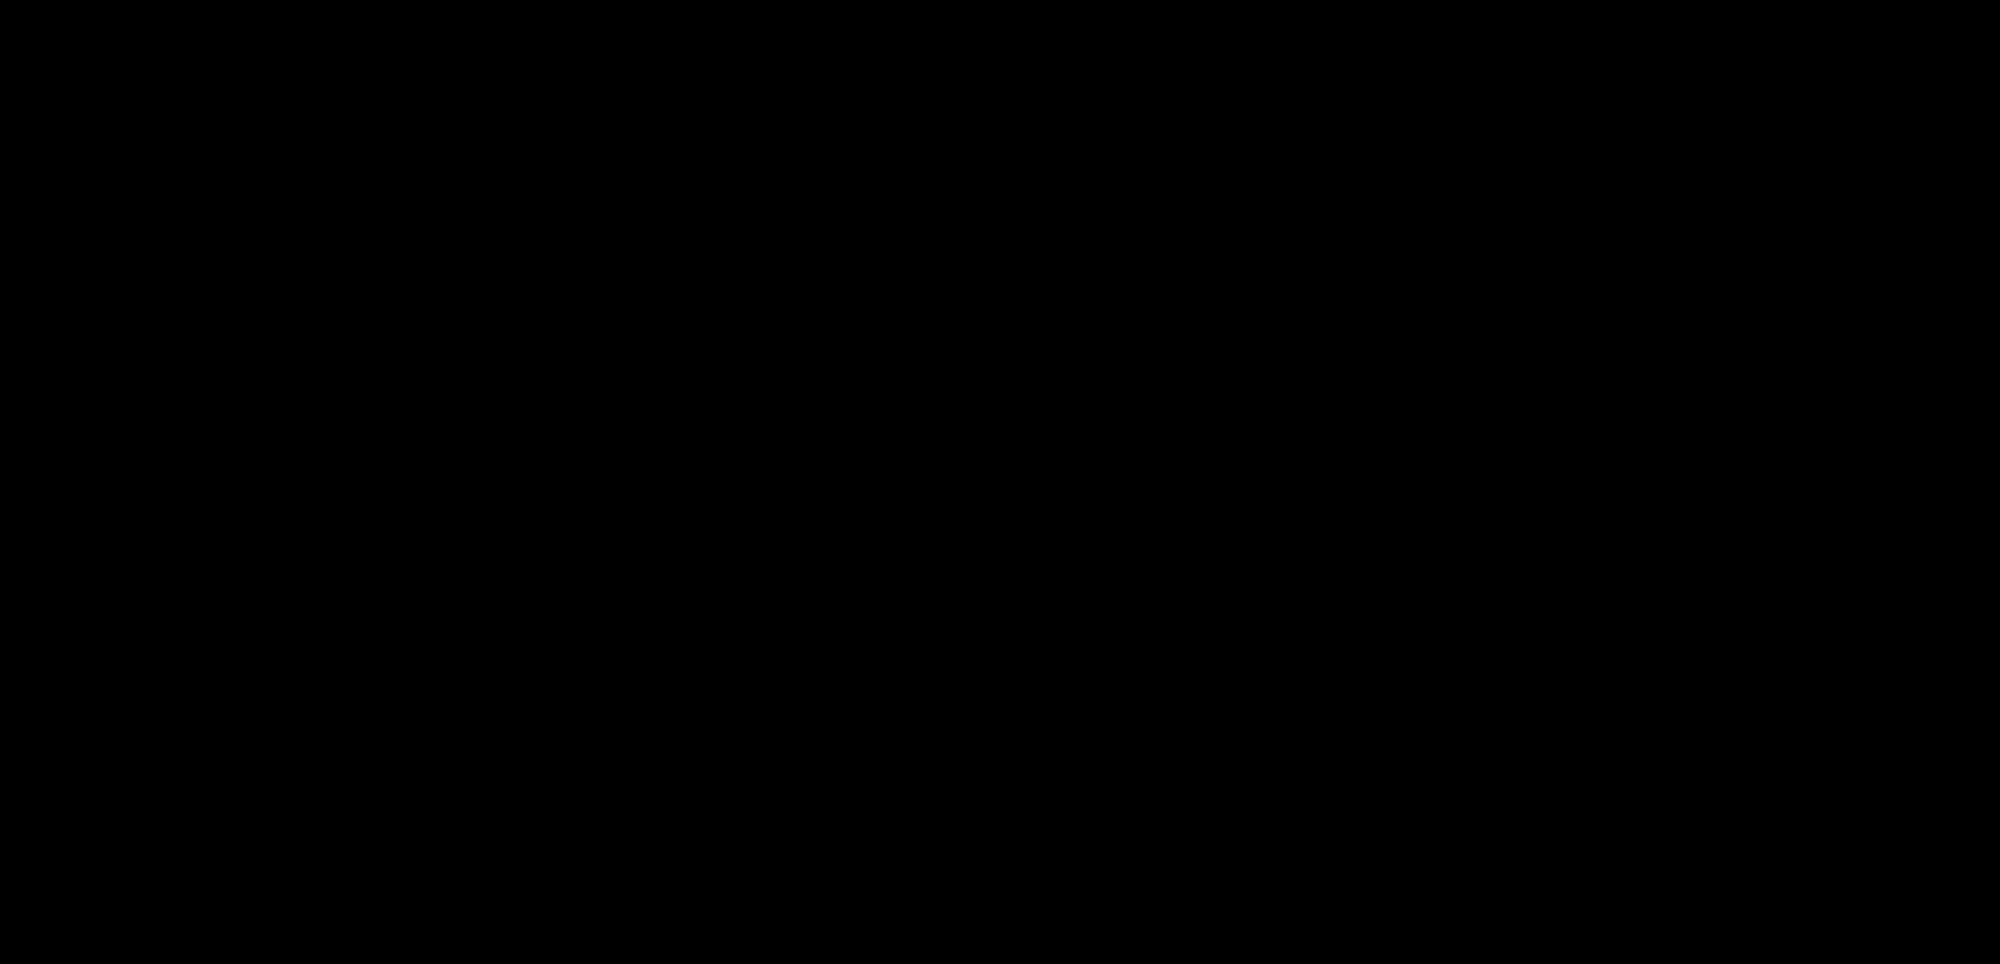 File - Atlas Vector PNG